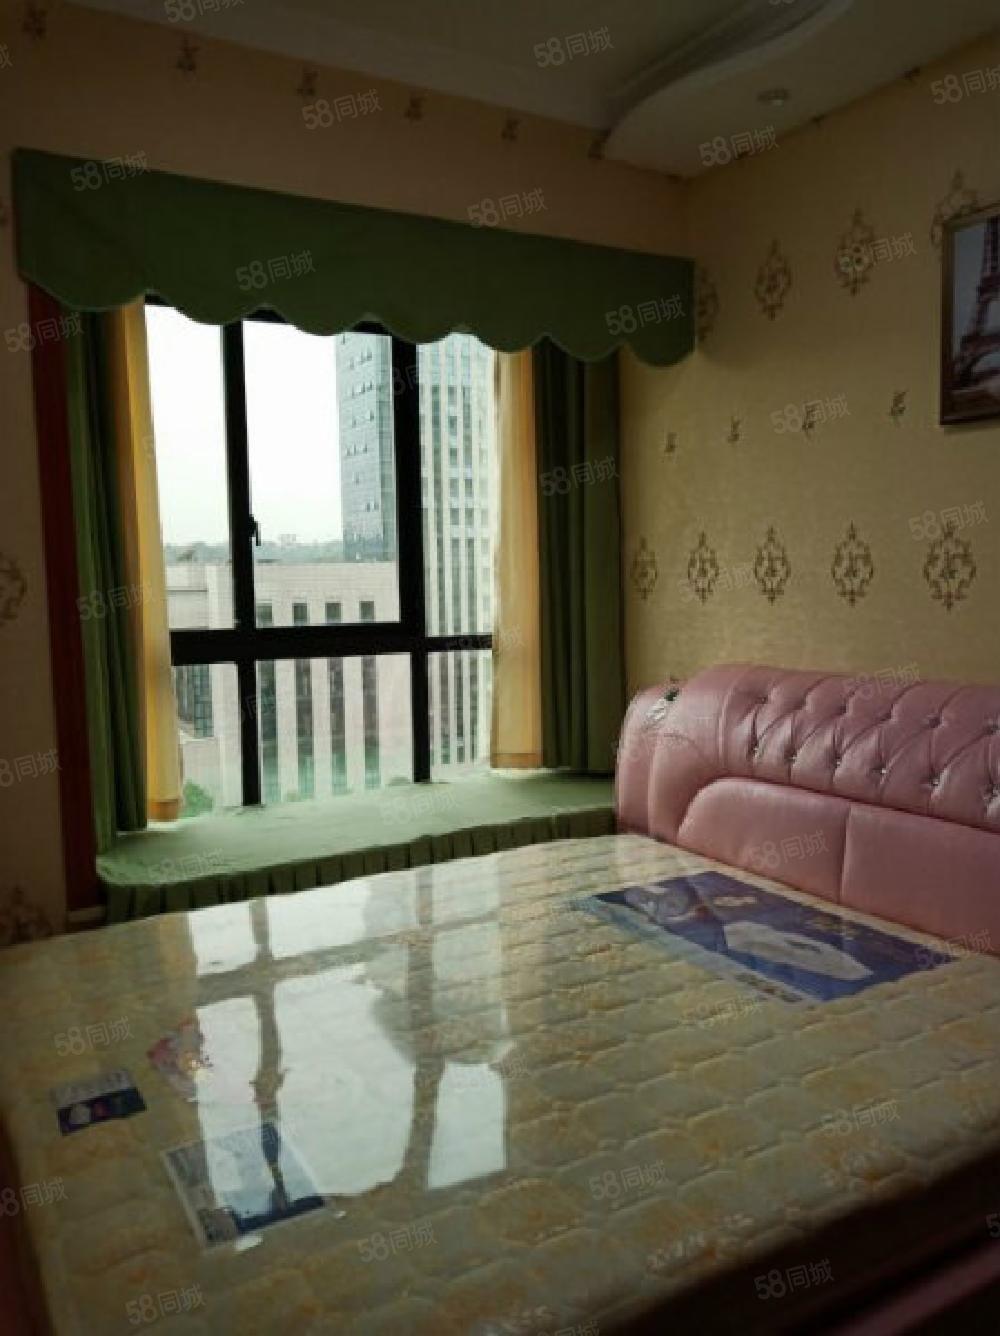 急售东南片区豪华装修4室物业好环境好周边配套齐全